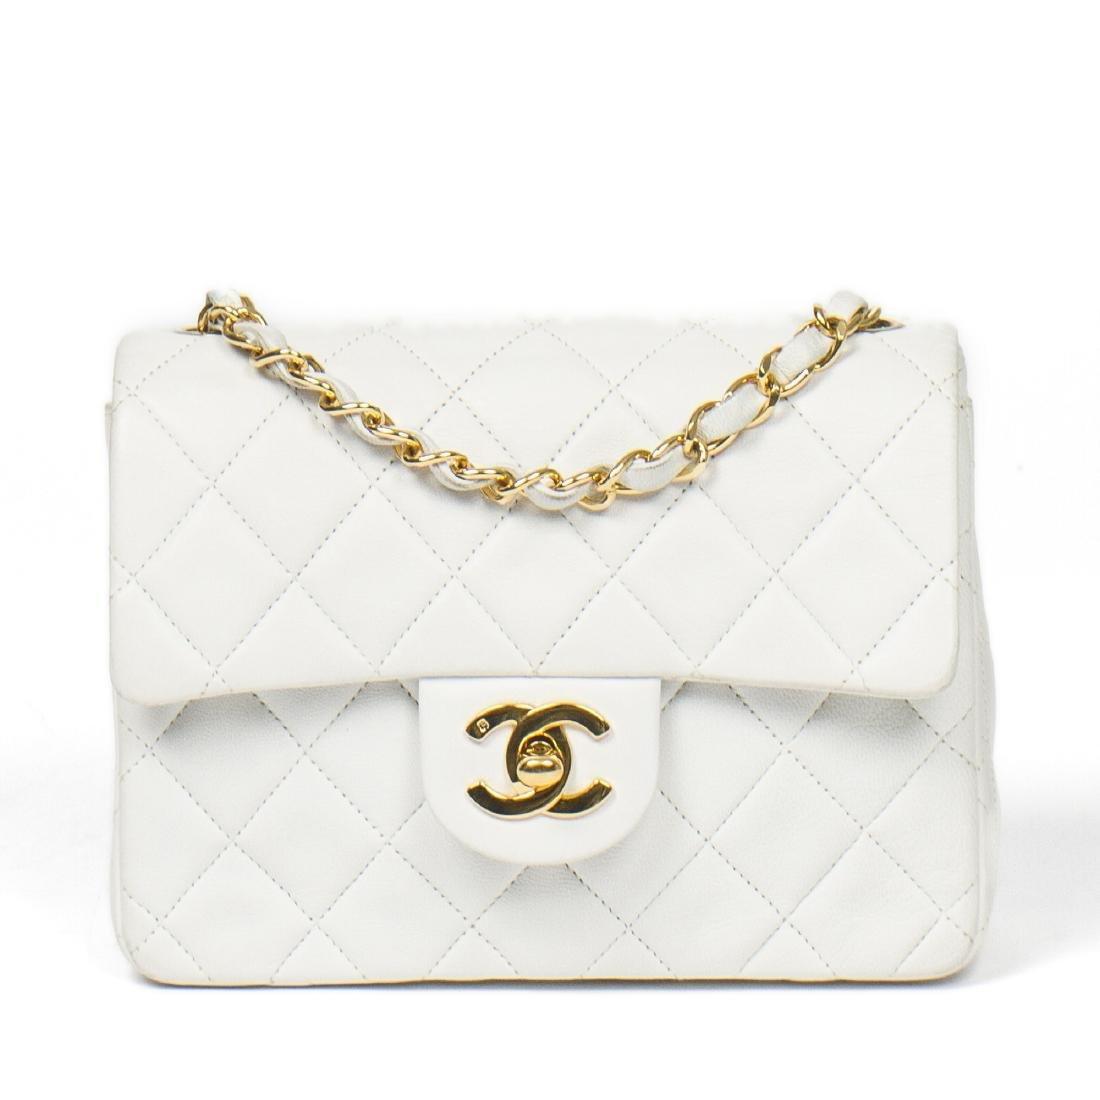 Chanel Classic Mini